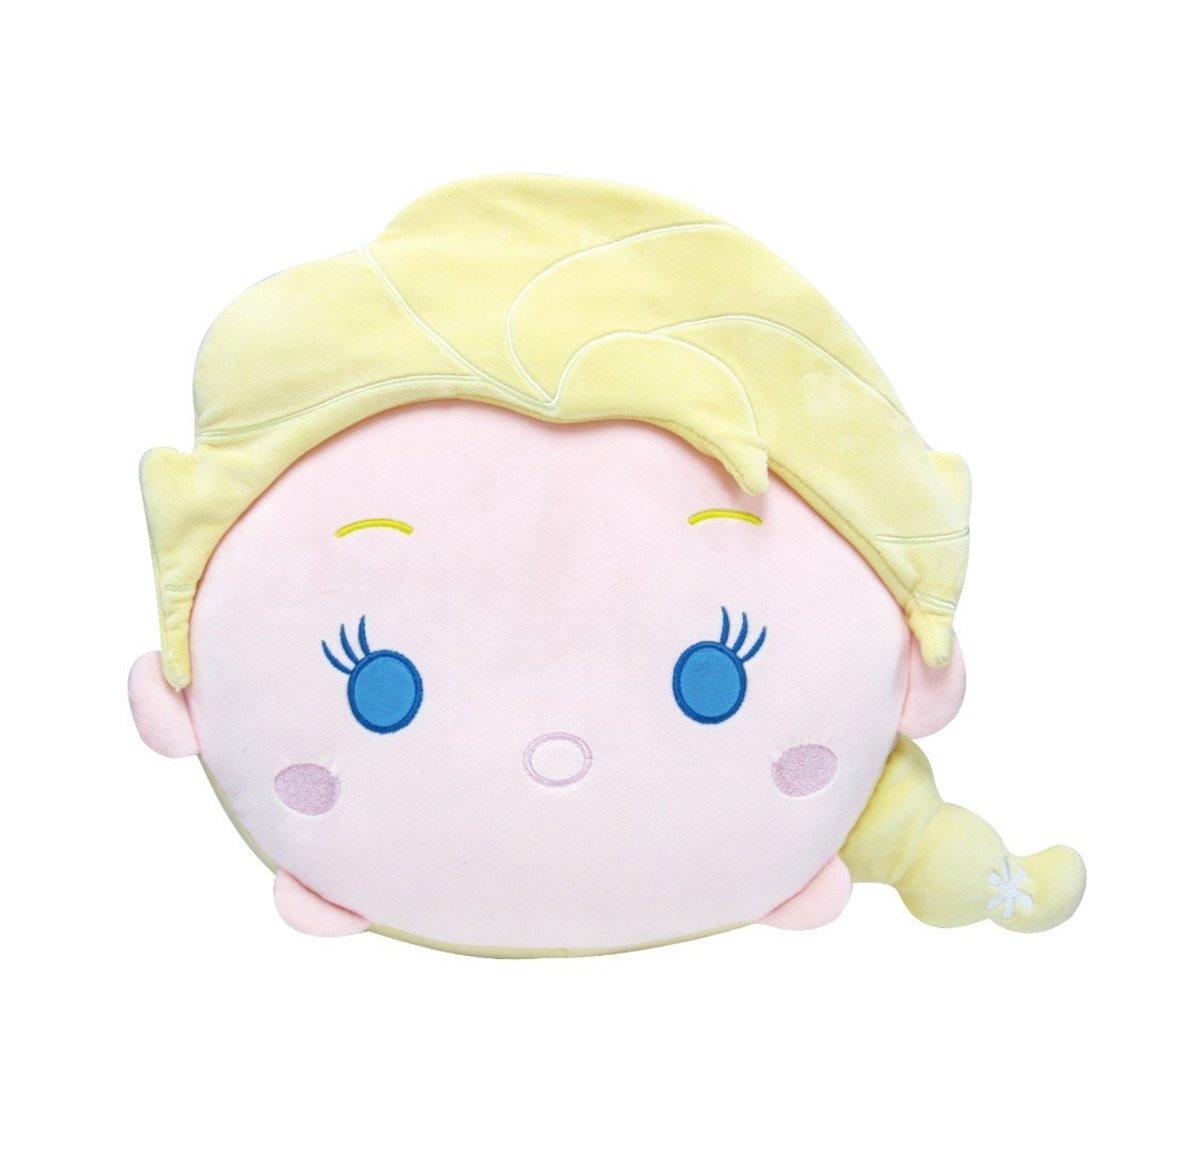 Cushion (Elsa)(Licensed by Disney)